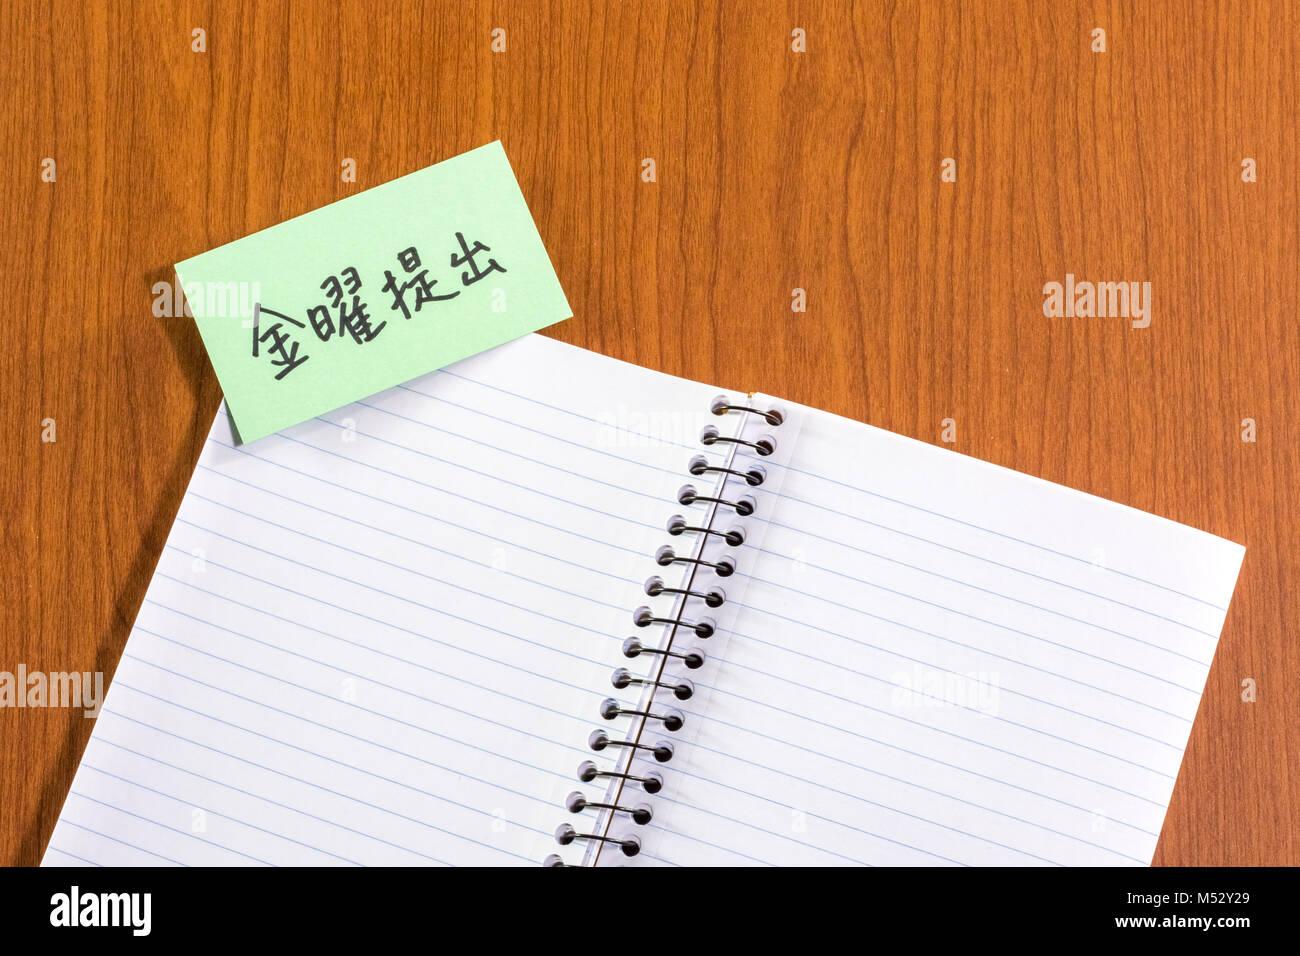 Presentar el viernes; documentos en blanco Blanco con tarjeta de mensaje pequeño. Imagen De Stock